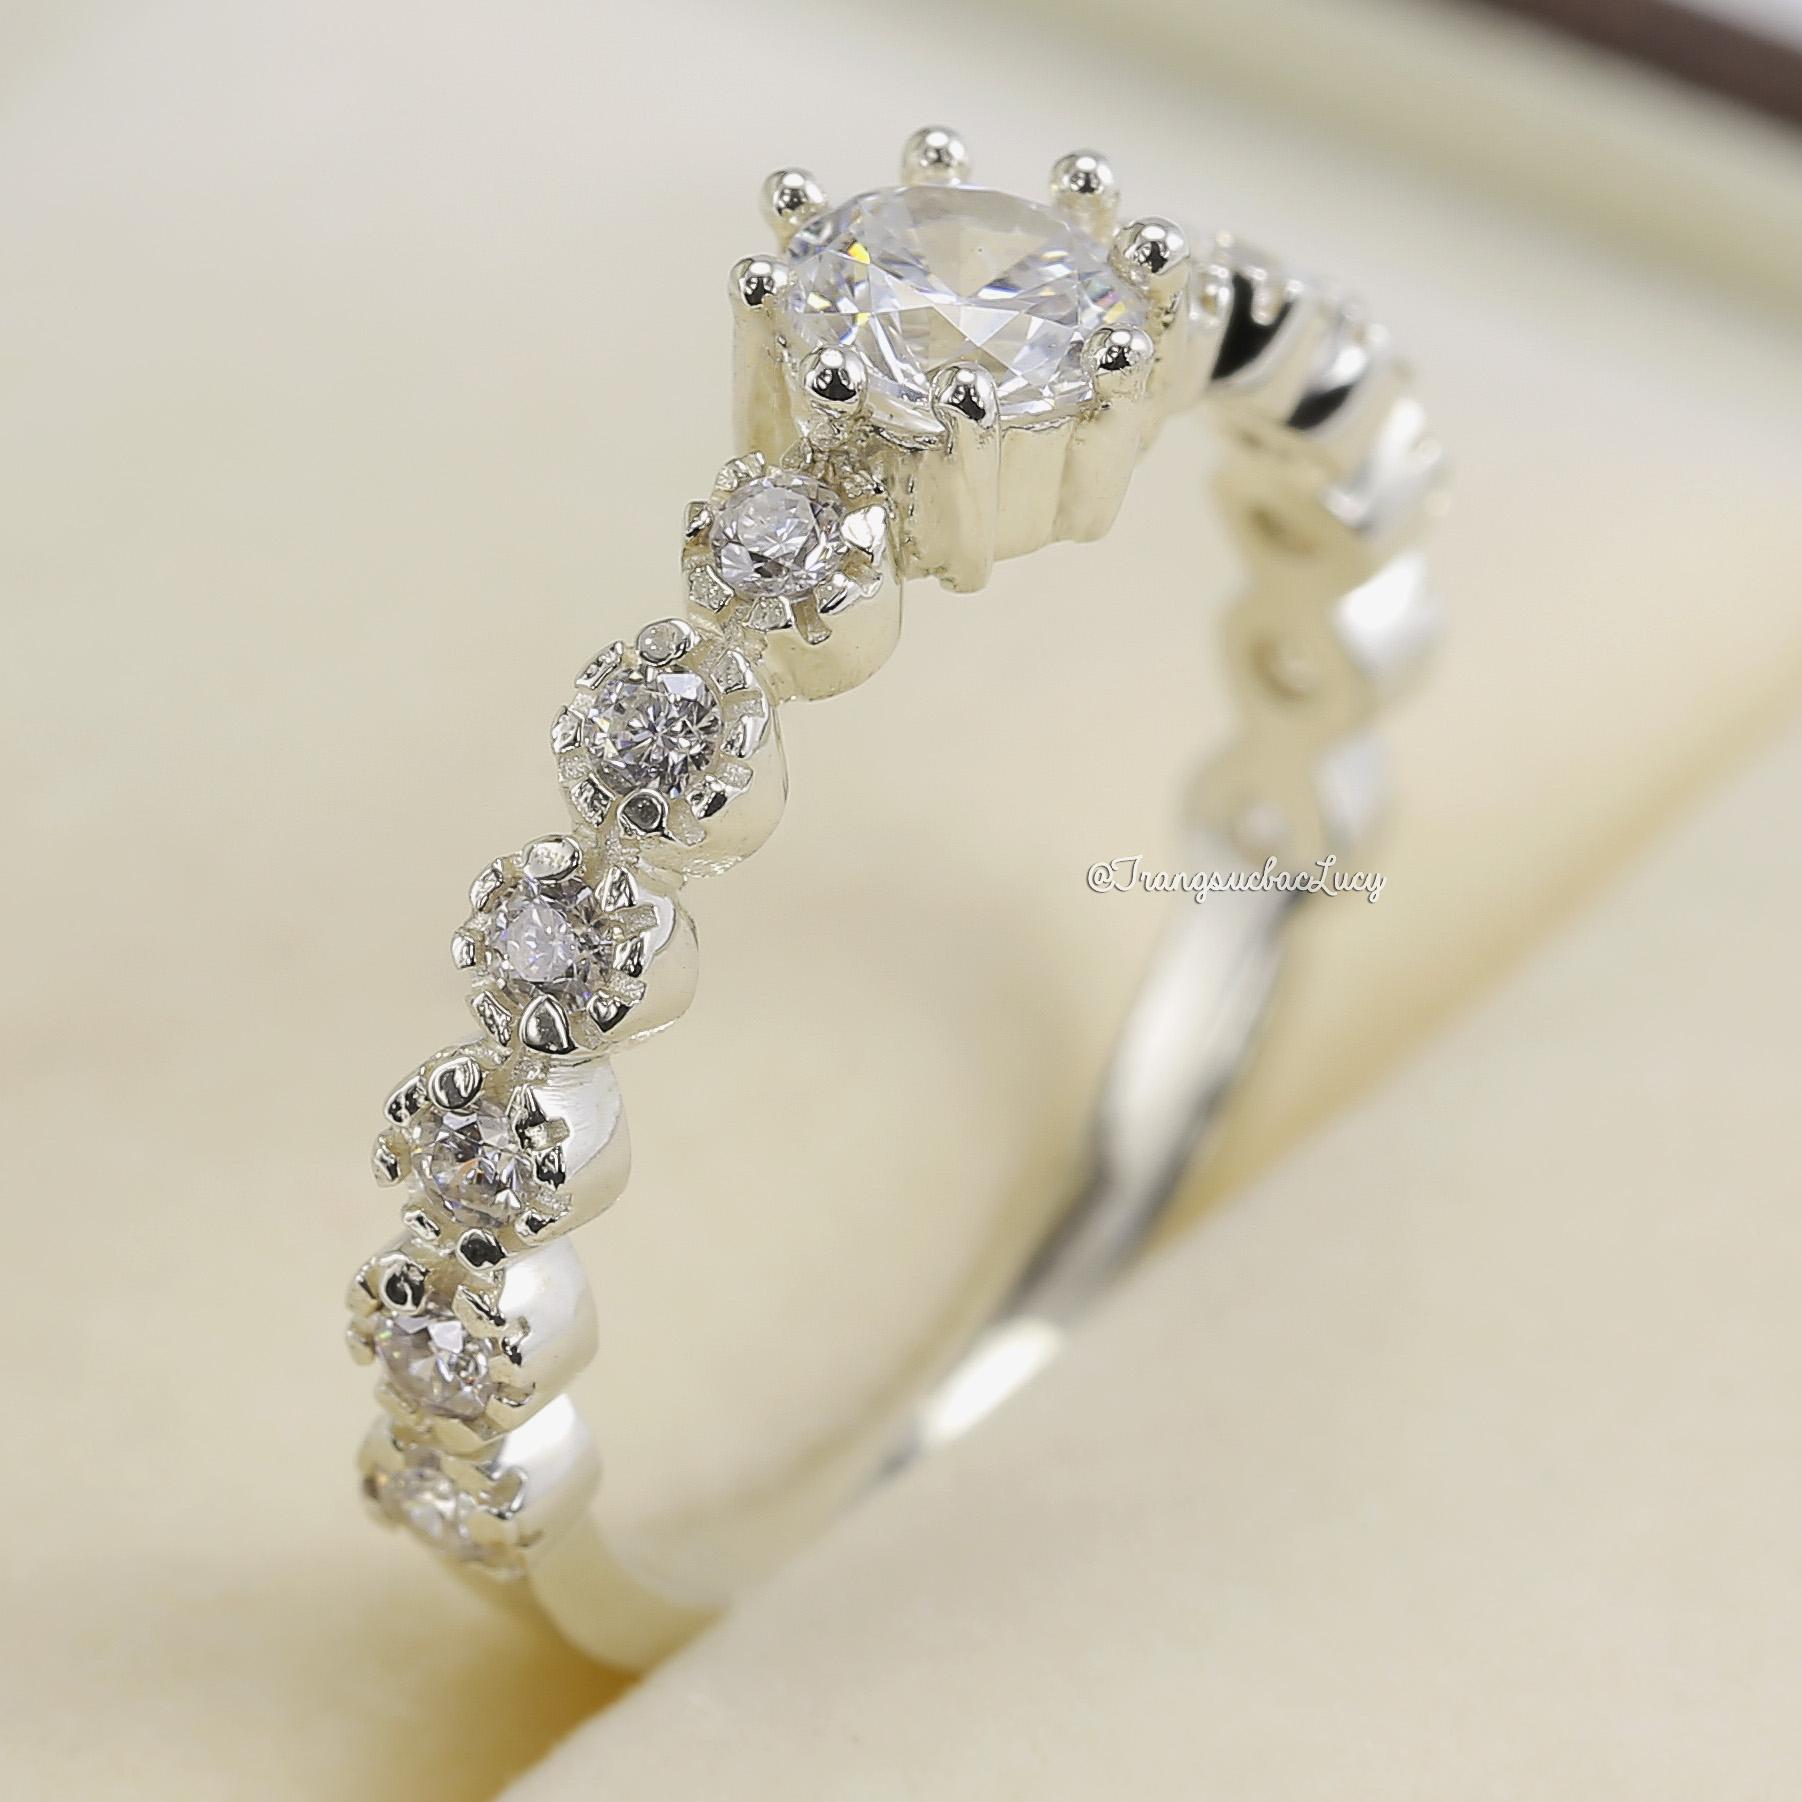 Nhẫn bạc nữ đẹp - RW195